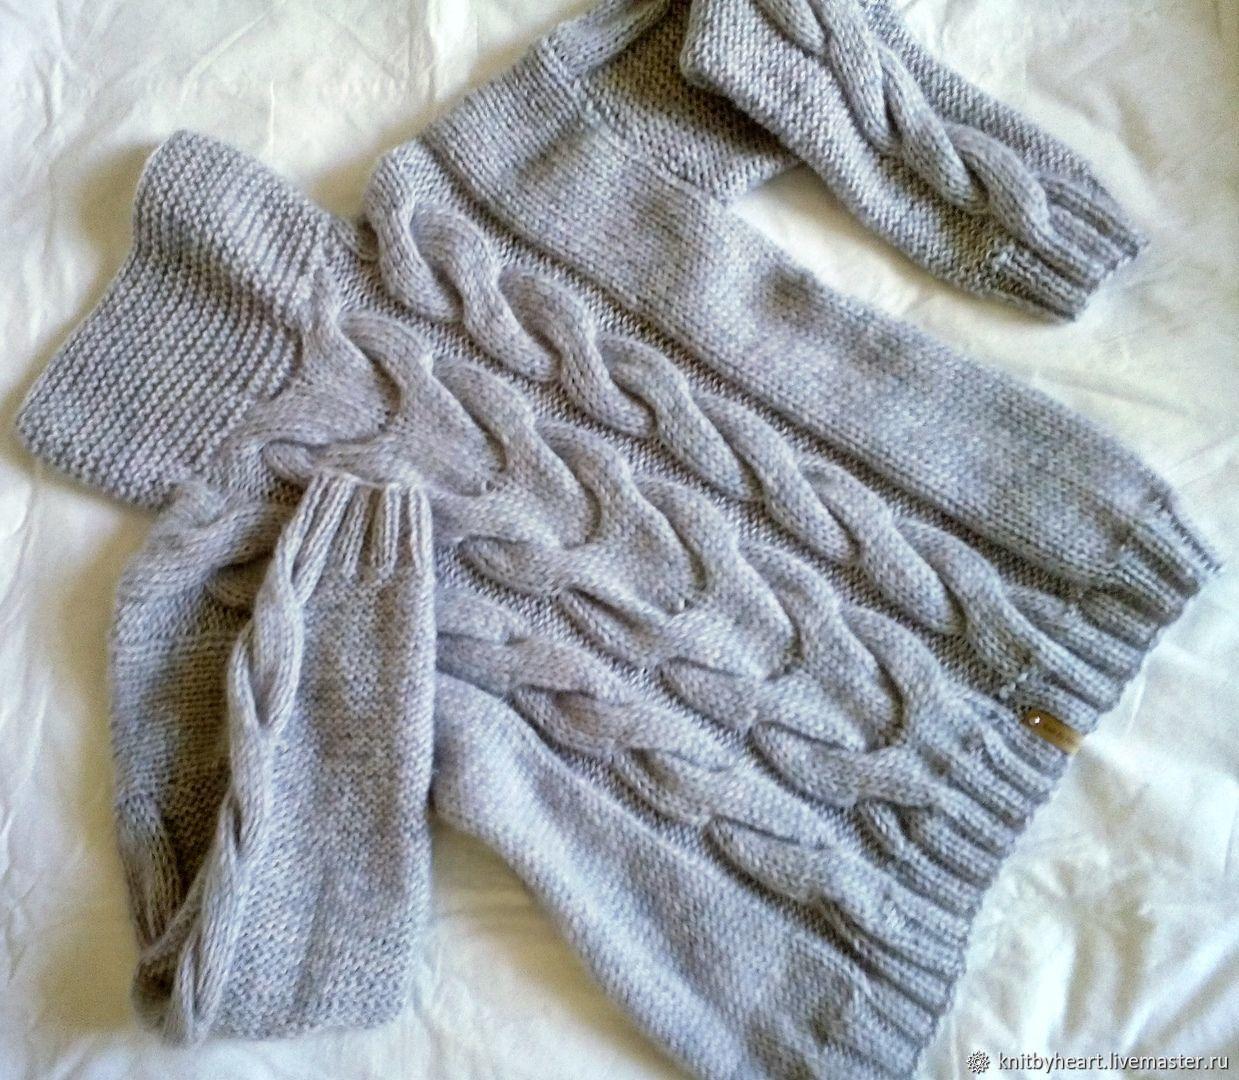 d67977baa68 Кофты и свитера ручной работы. Ярмарка Мастеров - ручная работа. Купить Вязаный  свитер оверсайз ...